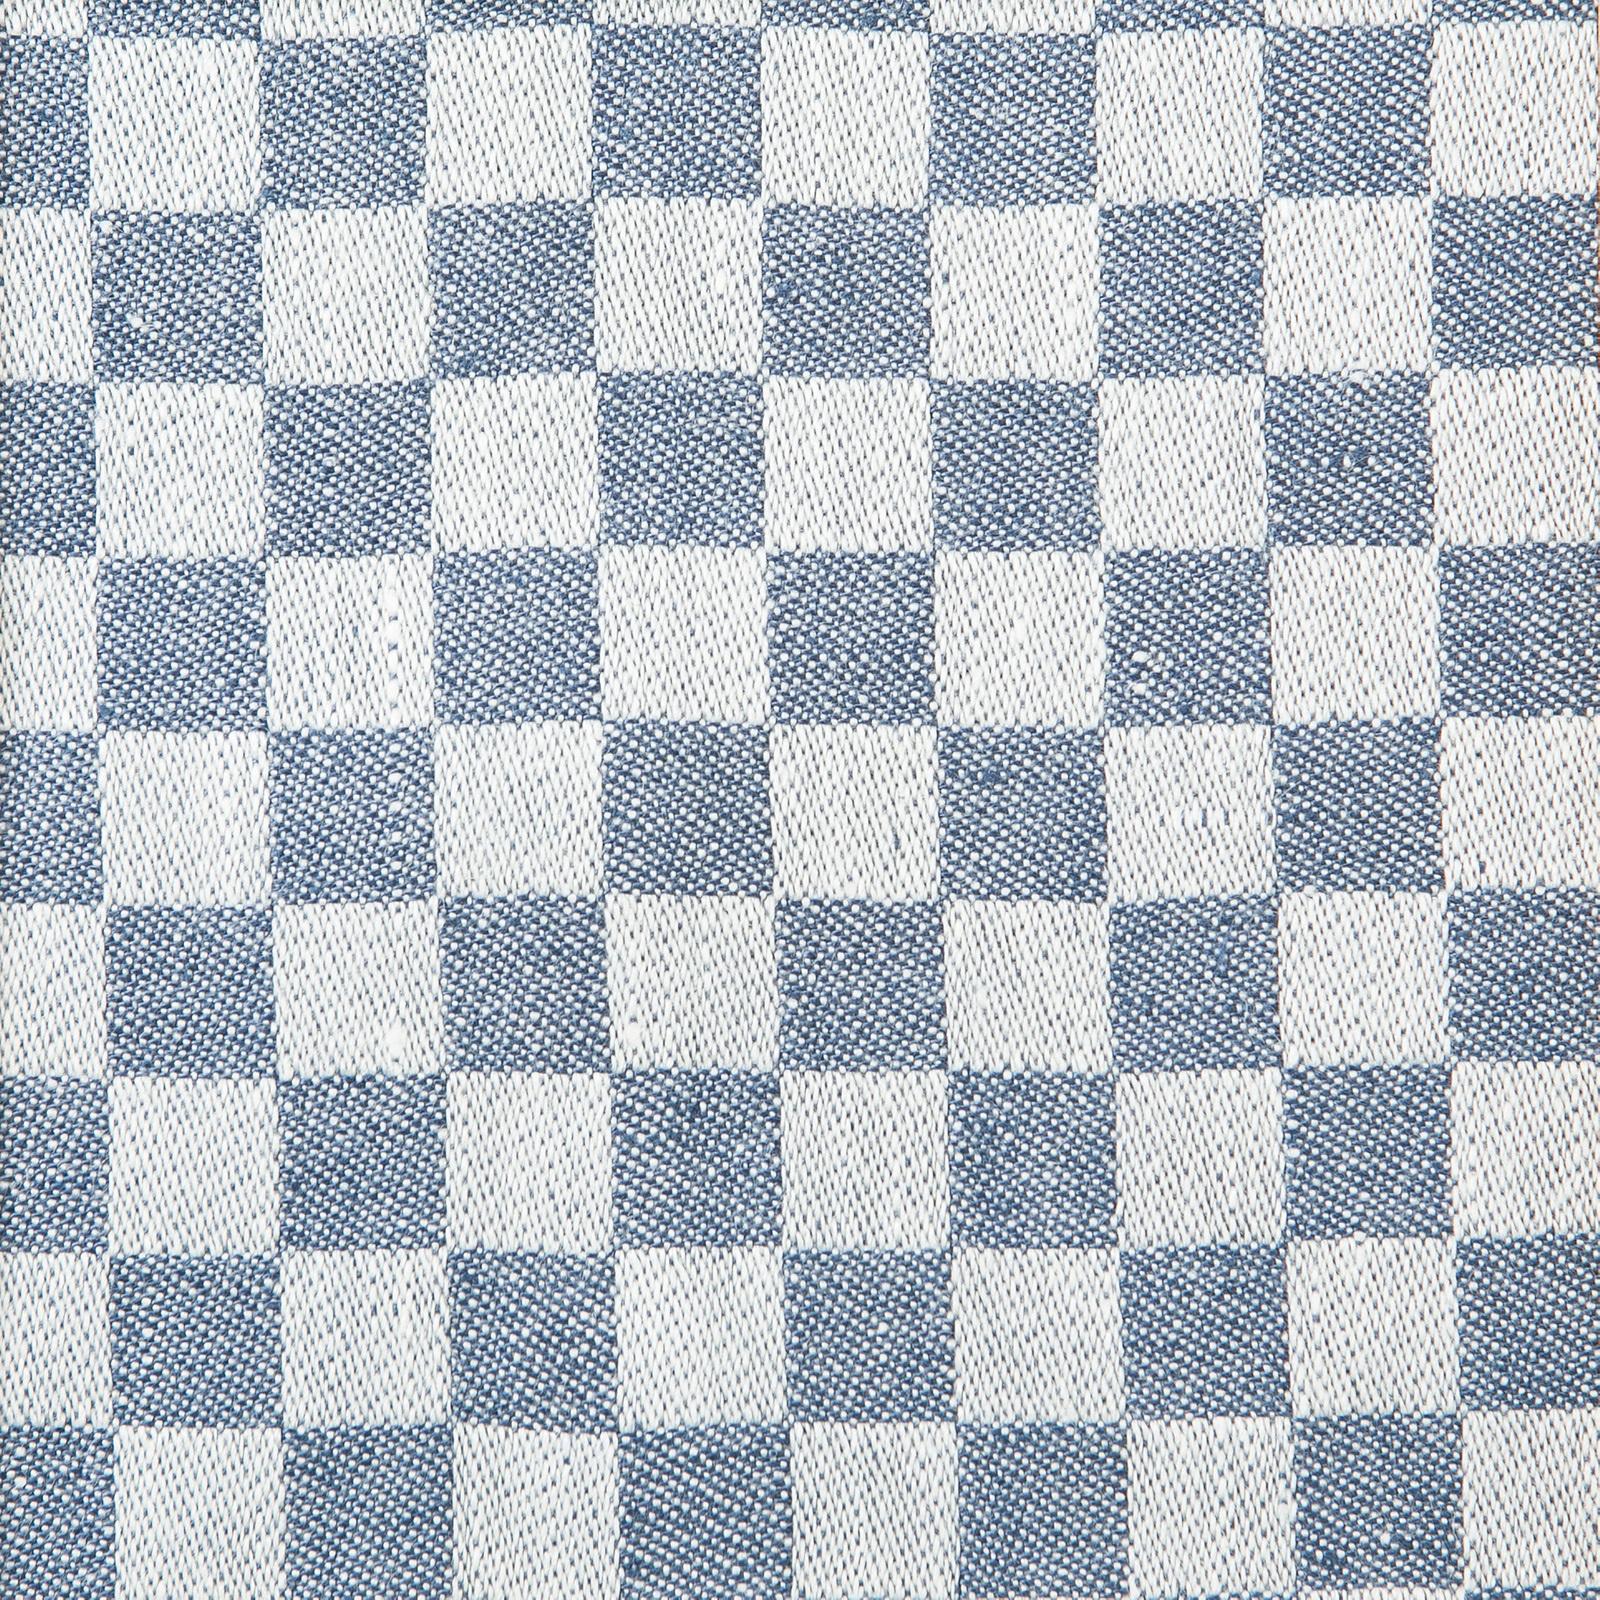 Schackrutan handduk jeansblå